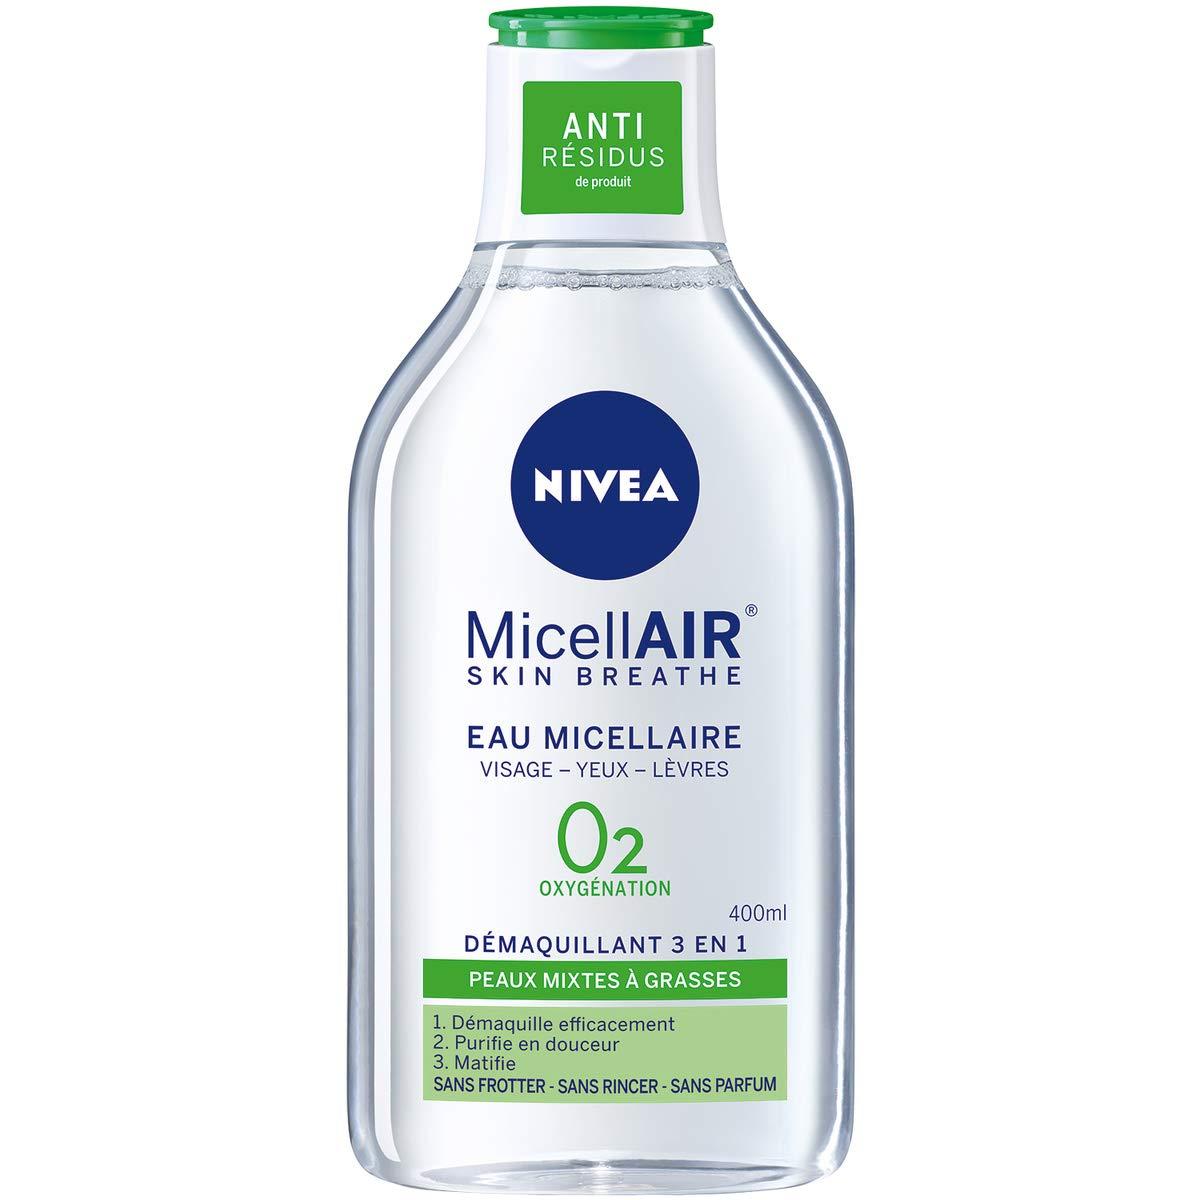 Nivea Demaquillant Micellaire - pieles combinadas con grasses 400 ml - juego de 2: Amazon.es: Belleza